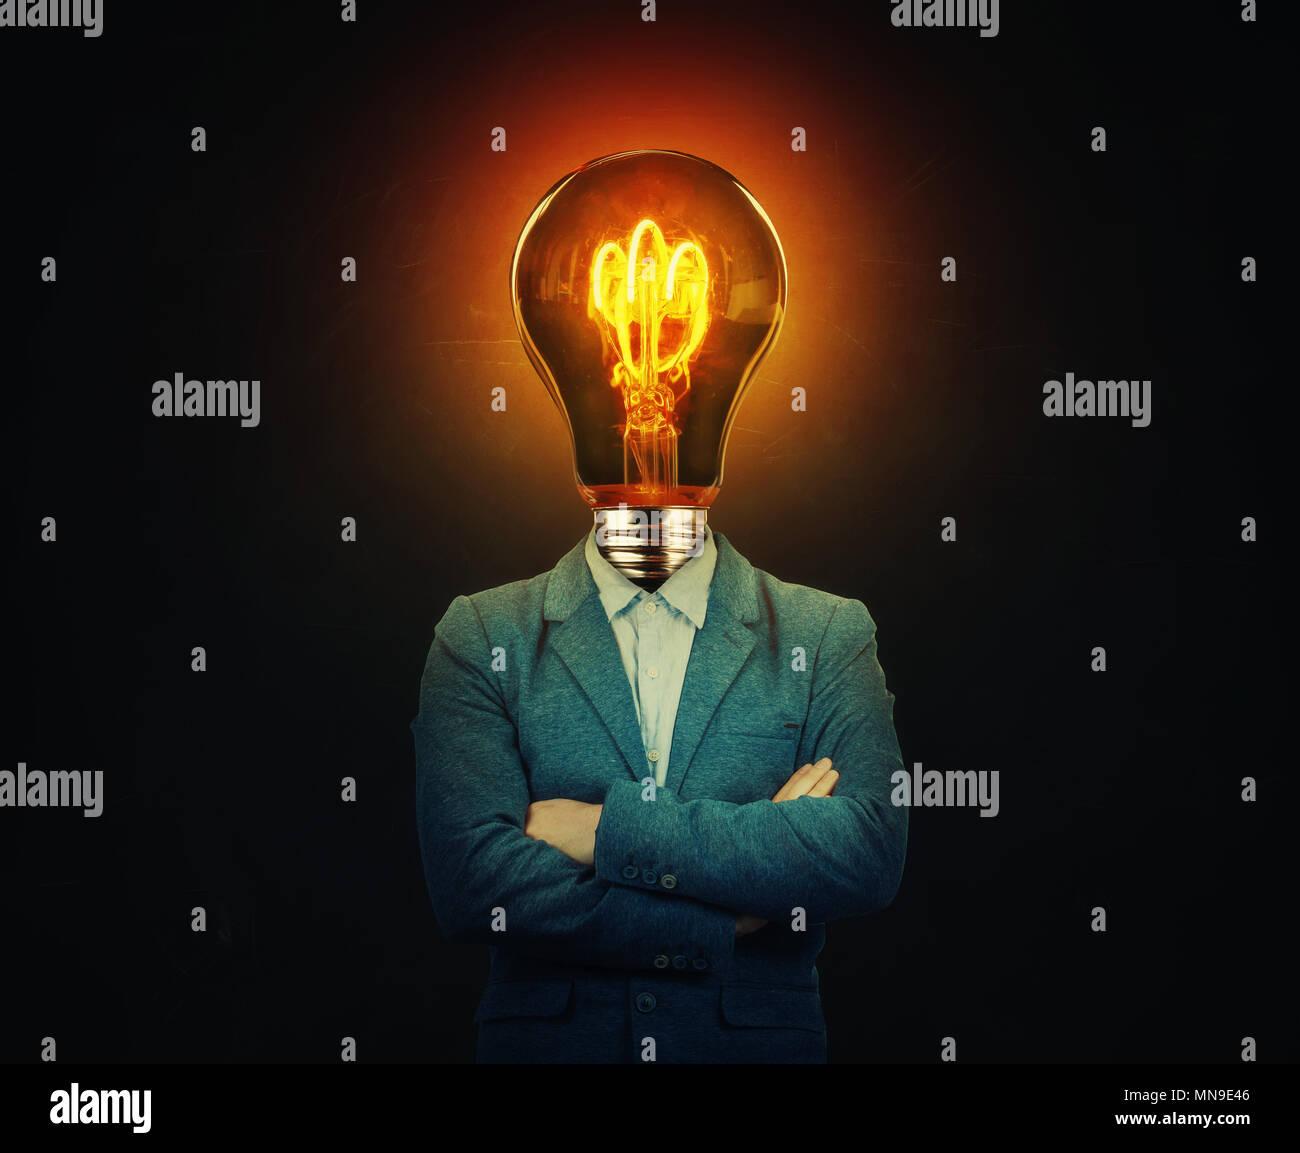 Image surréaliste comme un homme d'affaires graves avec une ampoule au lieu de la tête avec les mains croisées sur fond noir. Idée d'entreprise et la créativité symbole. Photo Stock